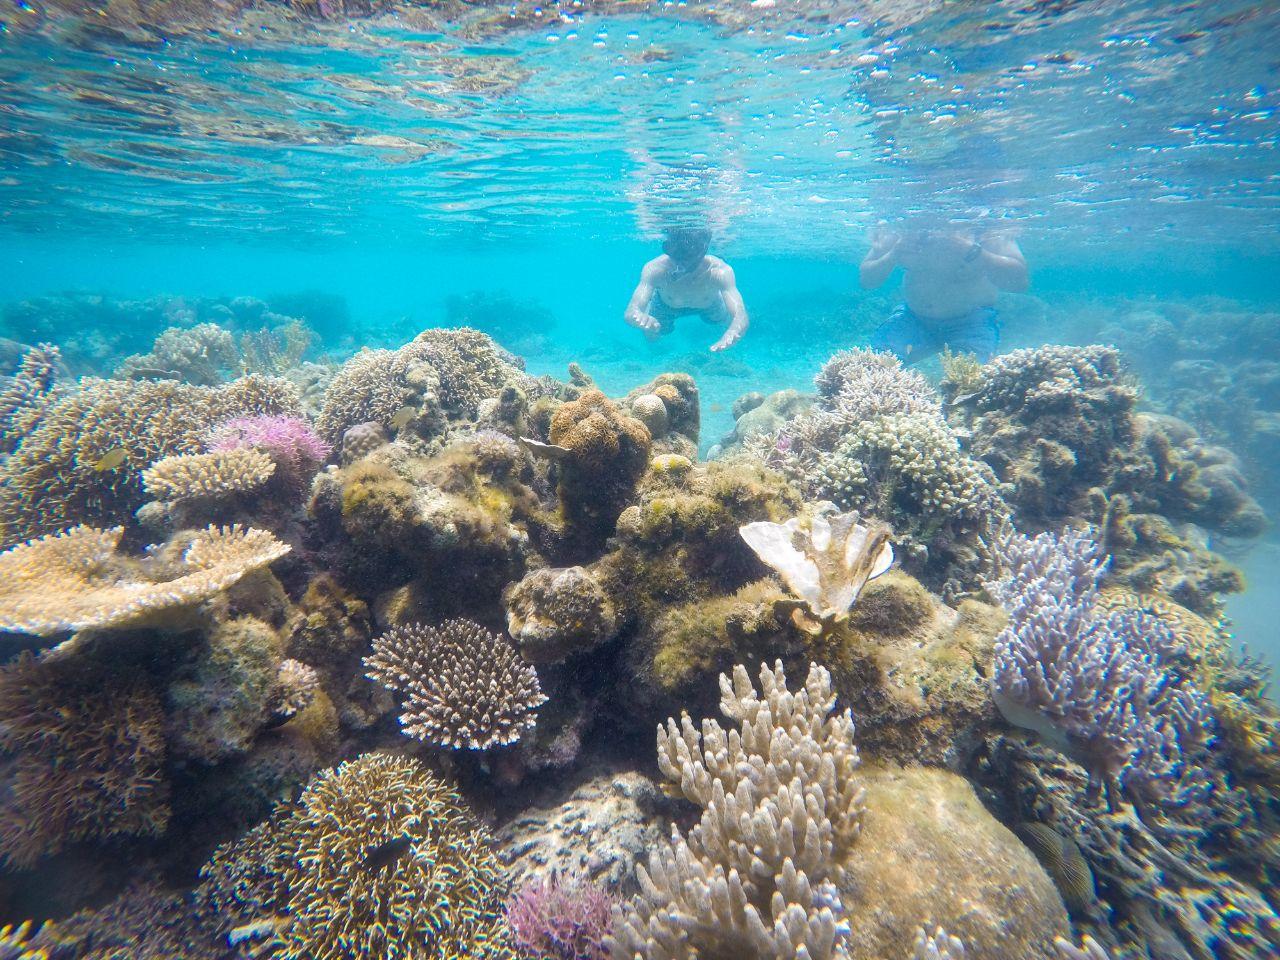 Bawah Laut Pulau Moyo - Teguh Prasetyo